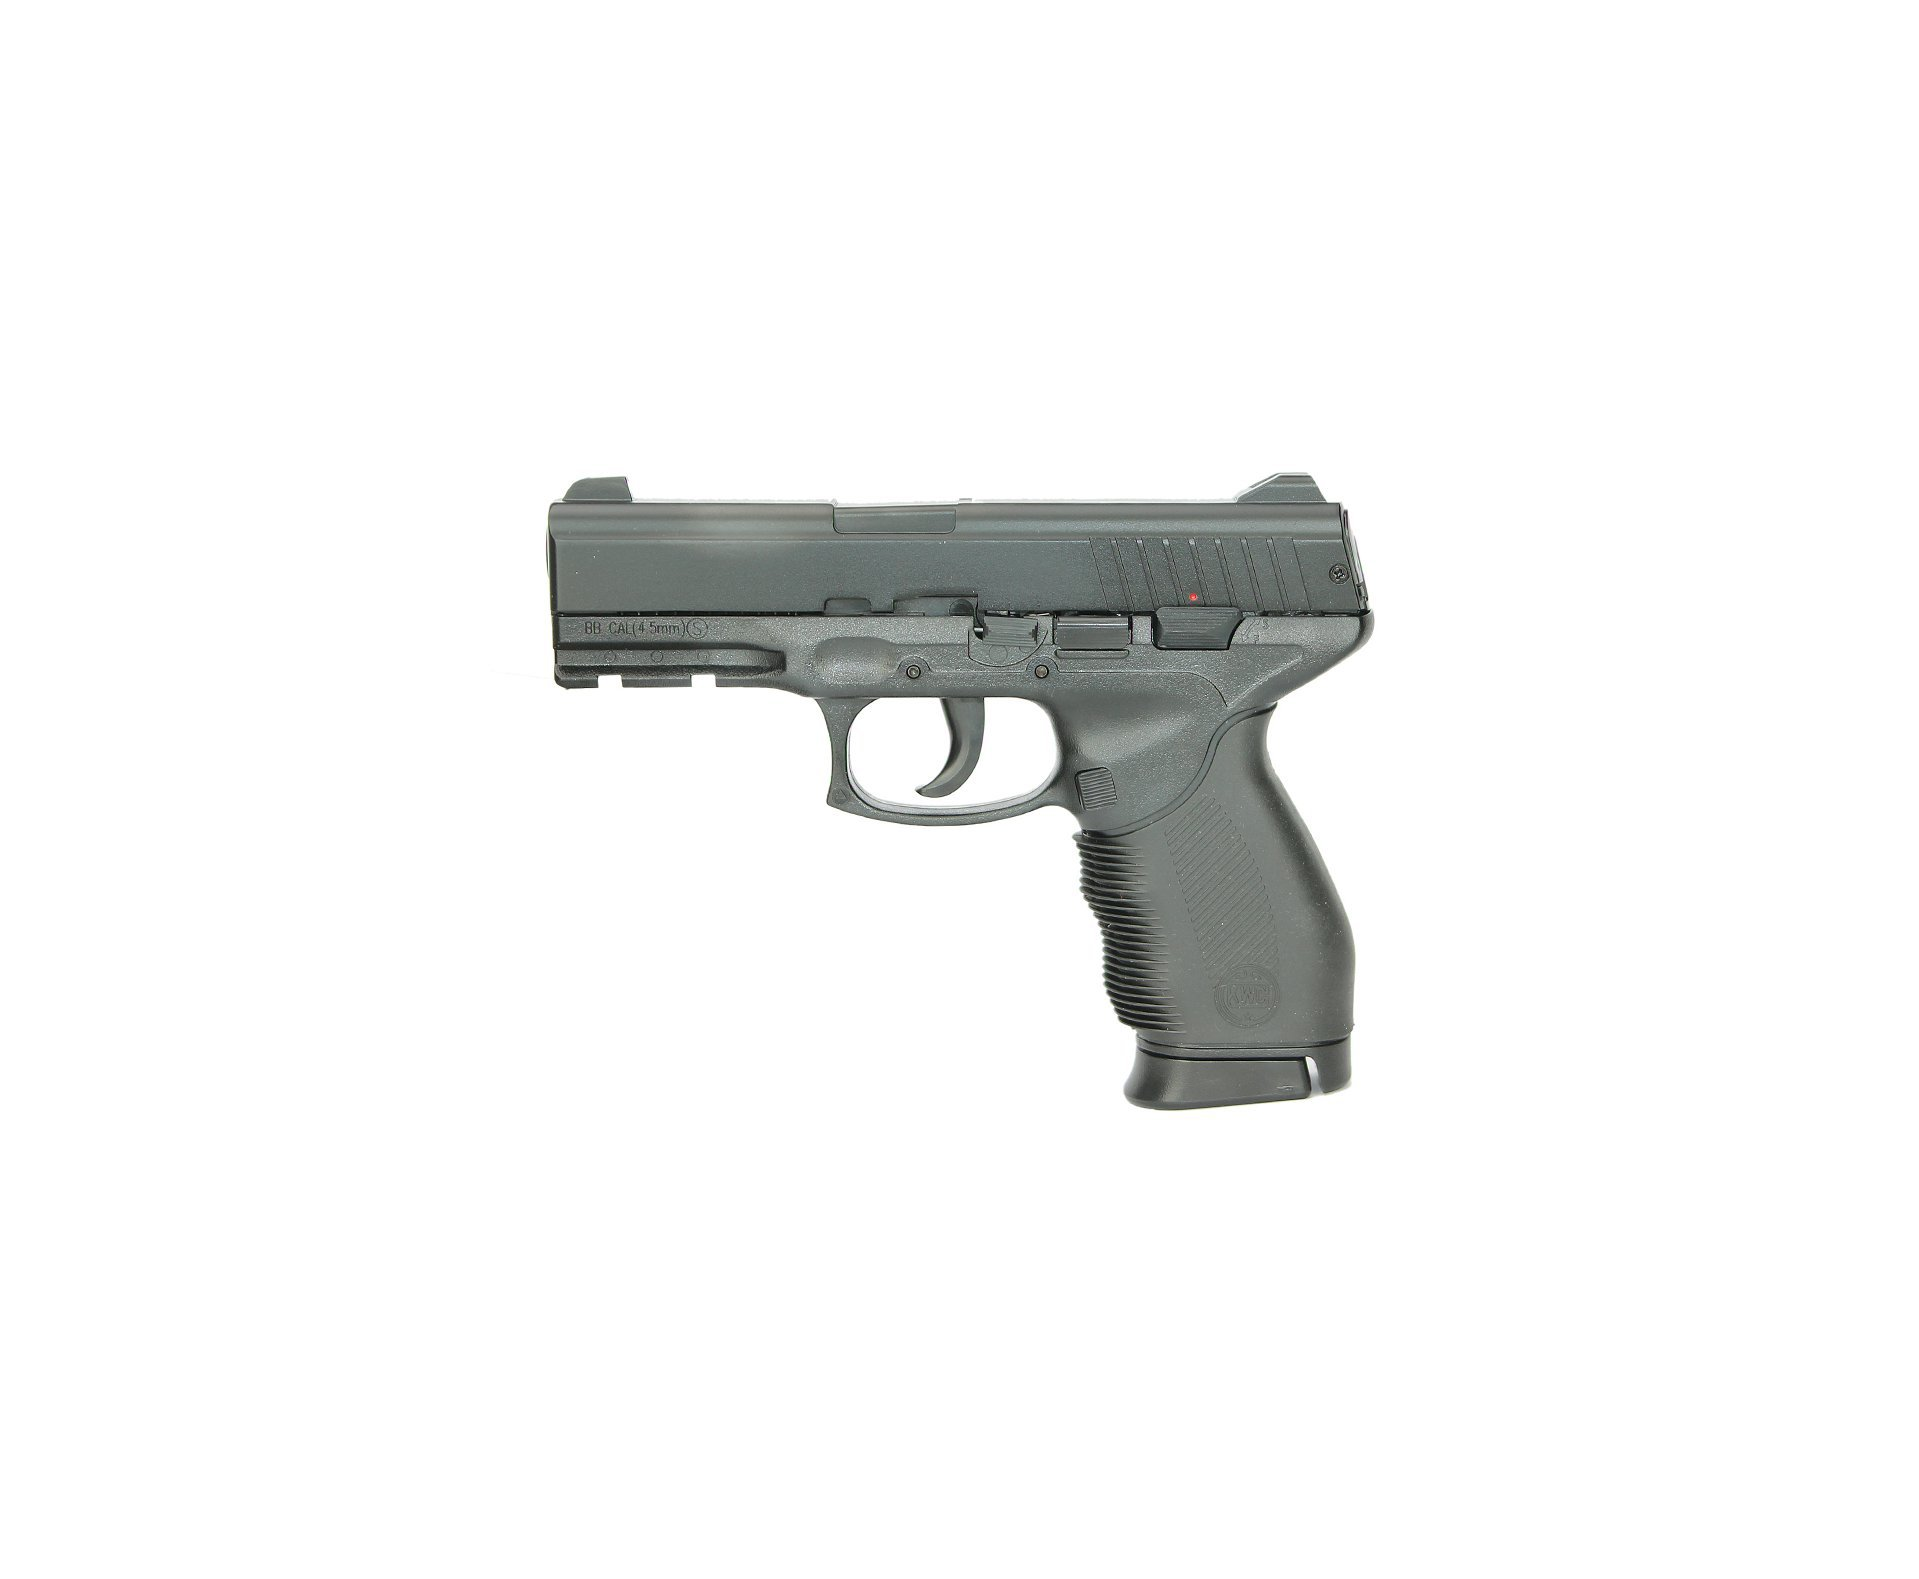 Carabina De Pressão Nova Dione Black Cal 5,5mm - 3° Geração + Pistola De Pressão 24/7 Cal 4,5 (kwc) + Capa 45 - Rossi